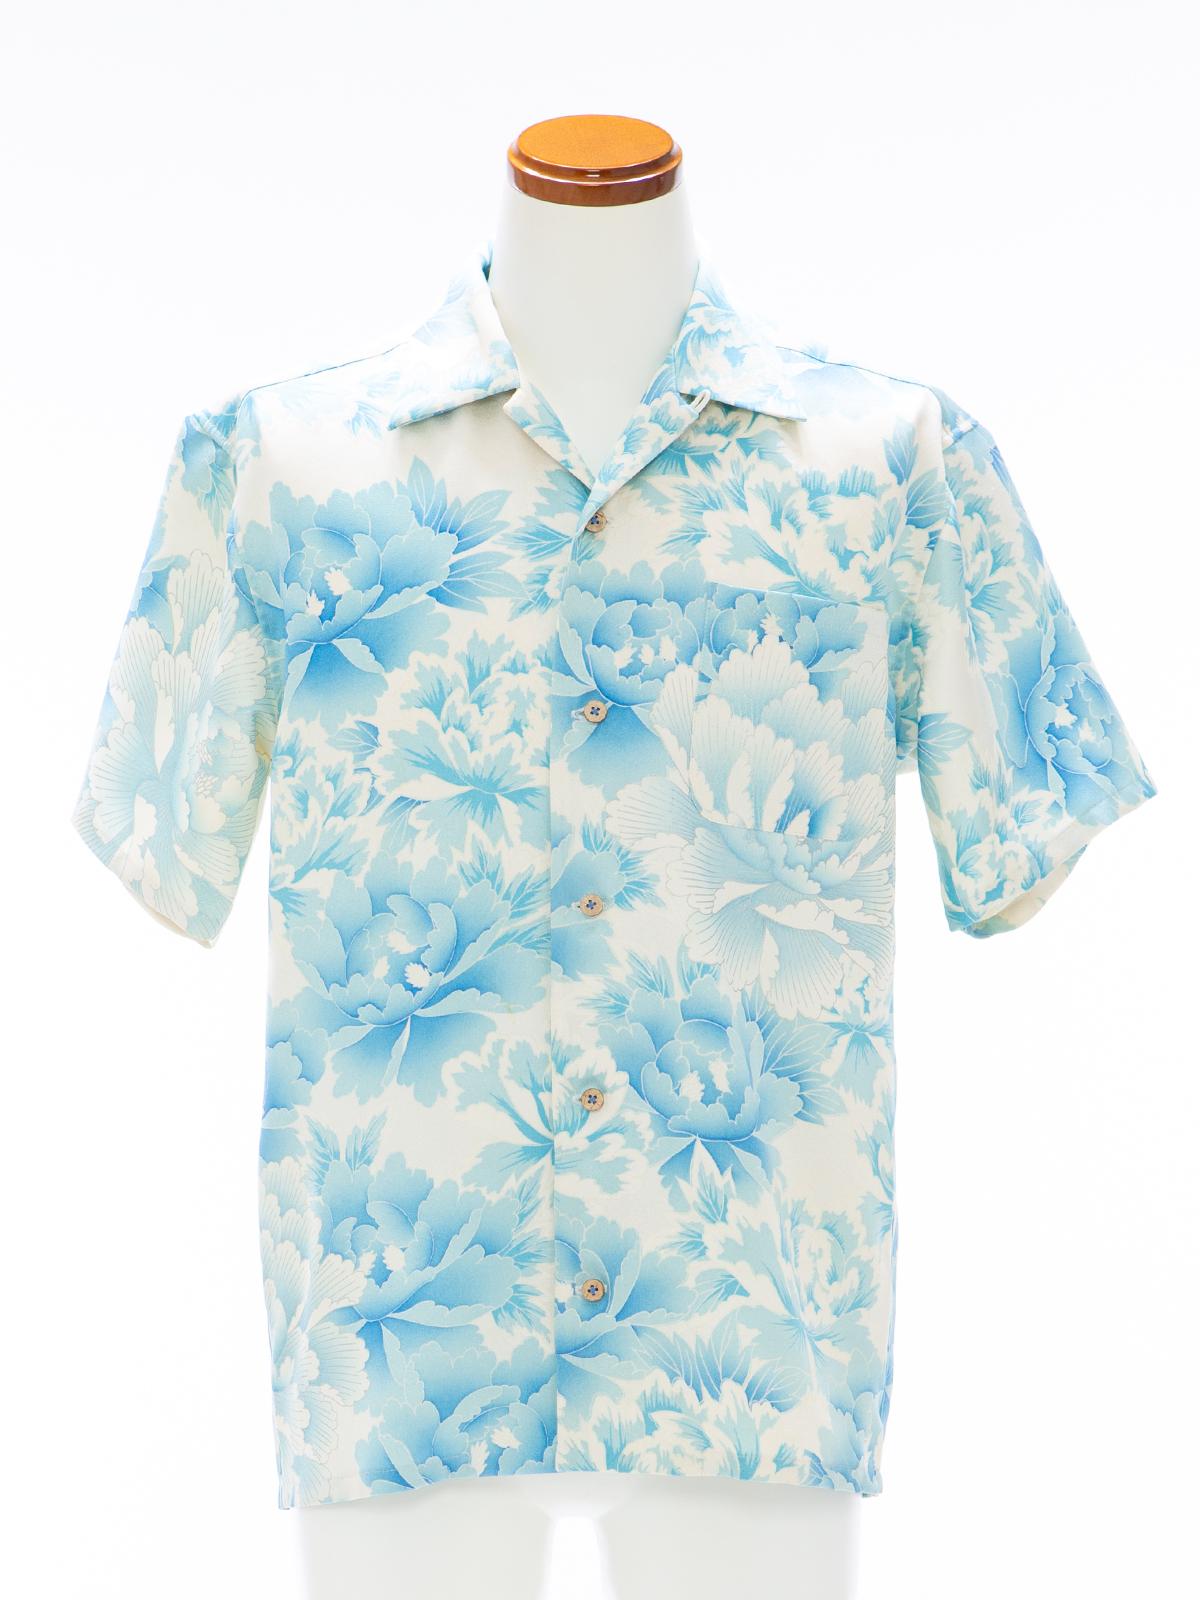 着物アロハシャツ「オーシャンに広がる牡丹」AH100099